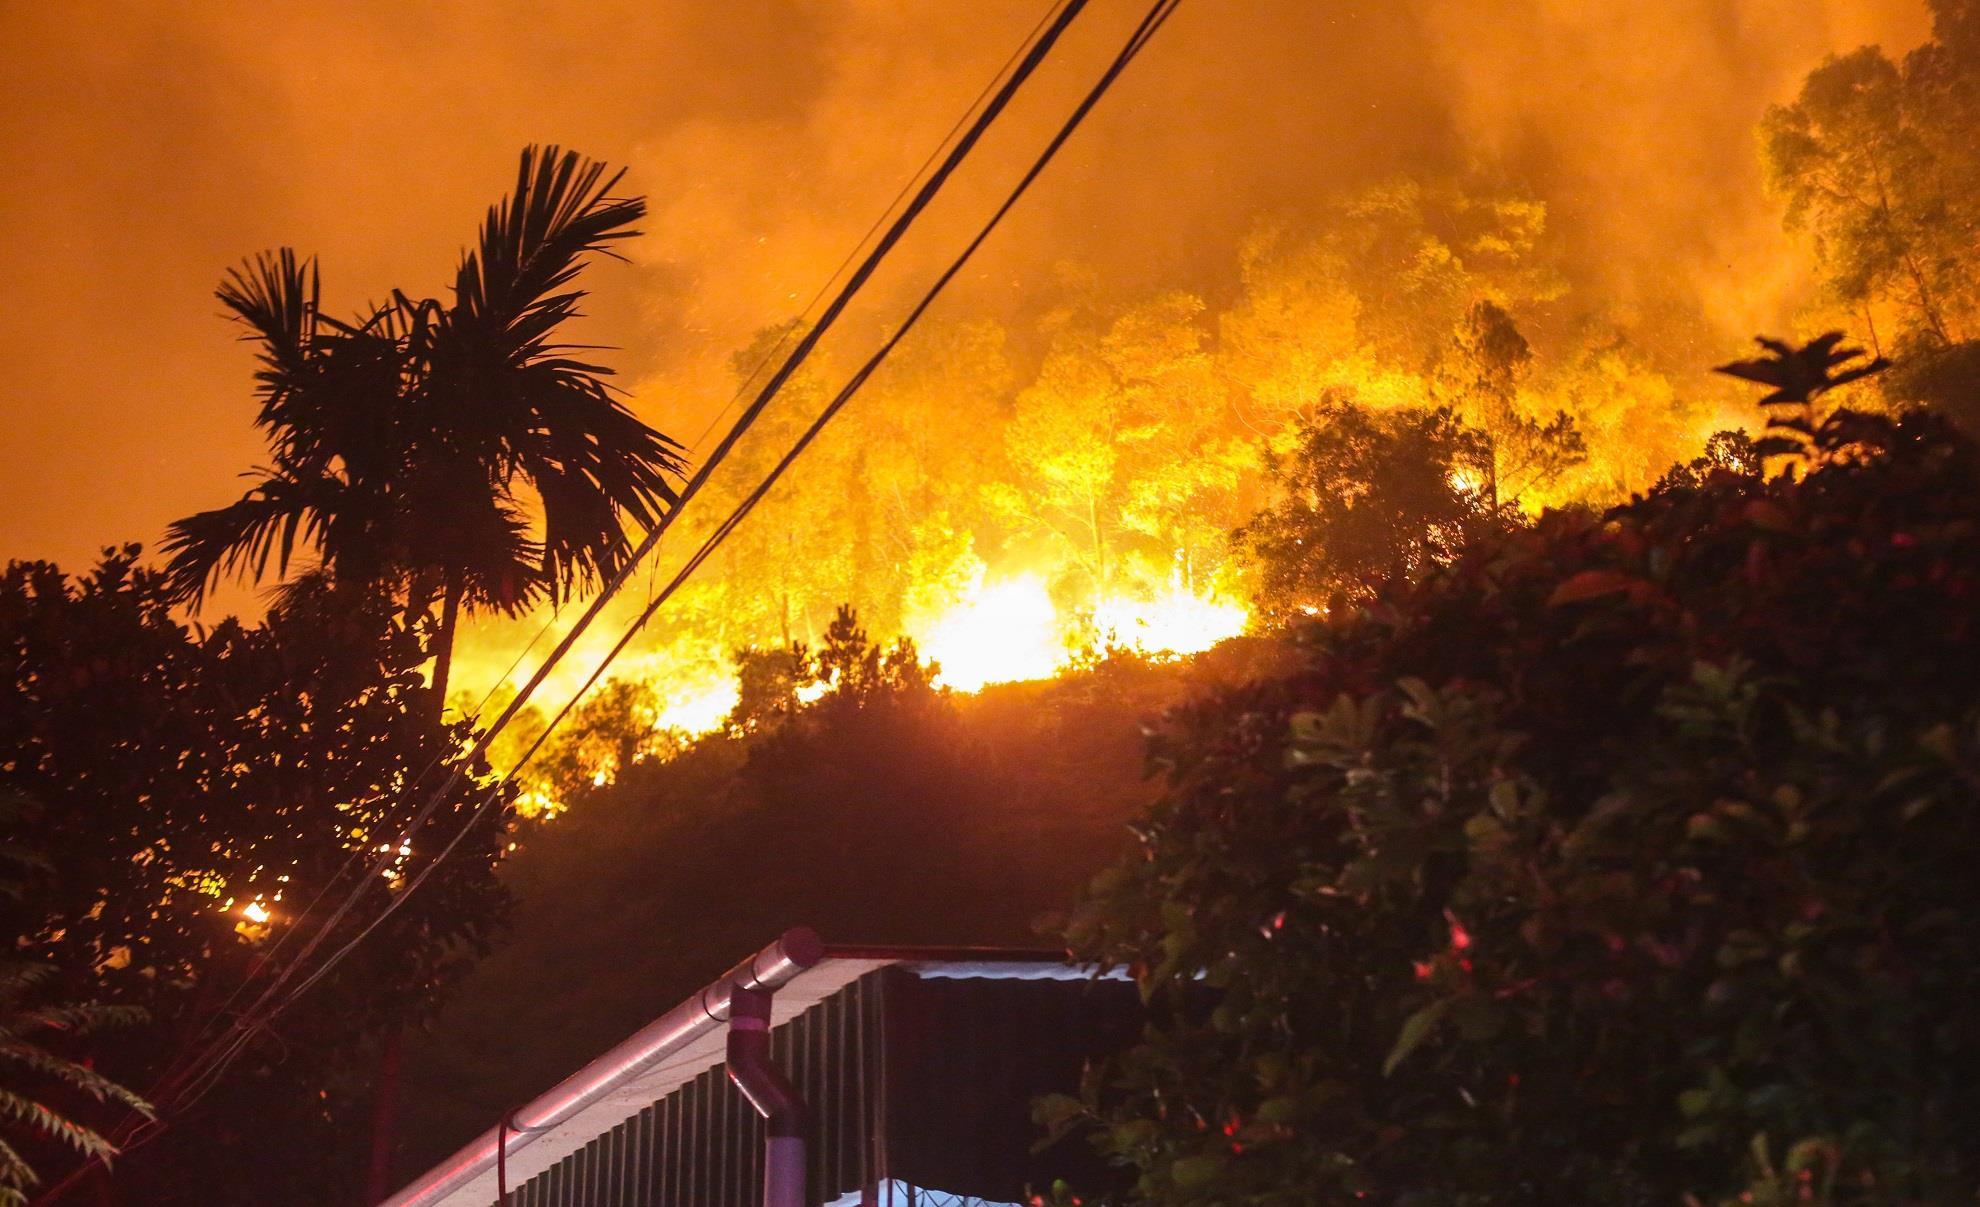 Cháy rừng ở Hà Tĩnh, người dân dọn đồ chạy 'giặc lửa' trong đêm